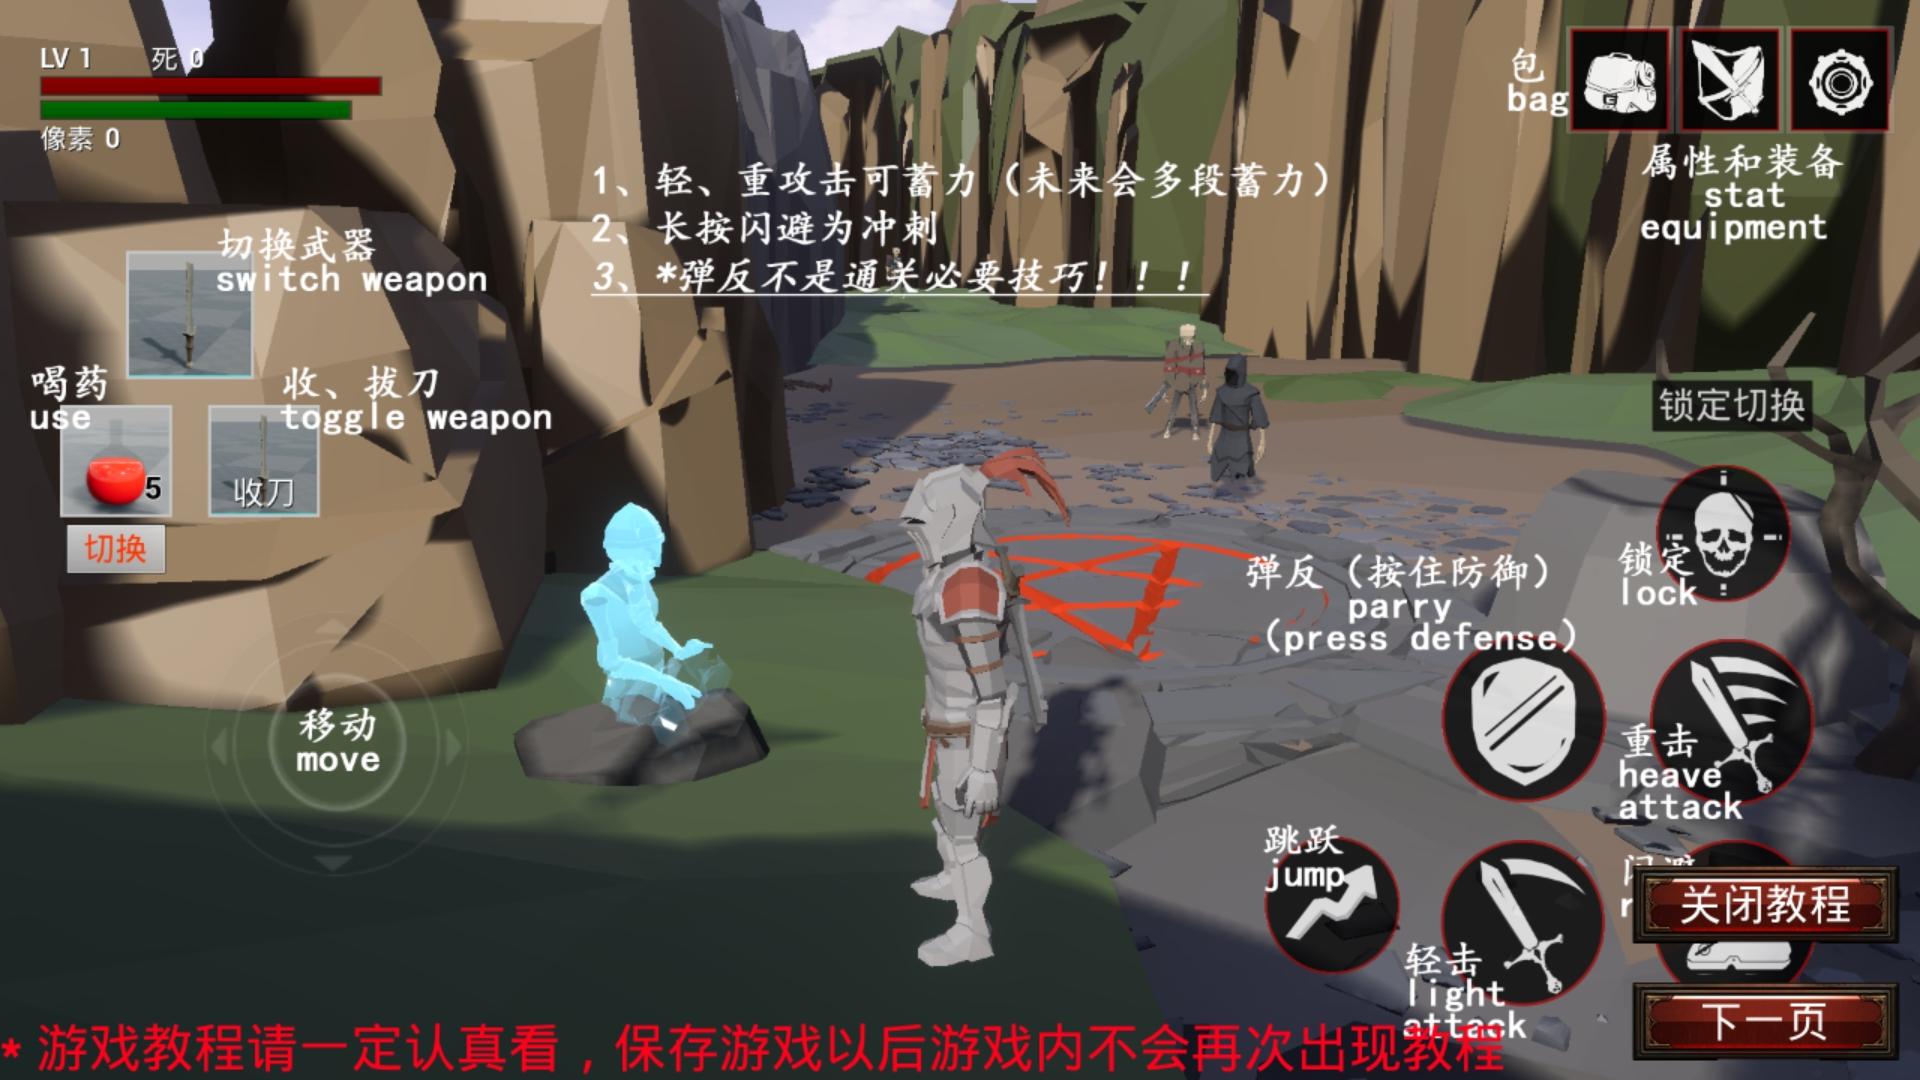 受死之旅评测:这才是我要的硬核游戏图片4